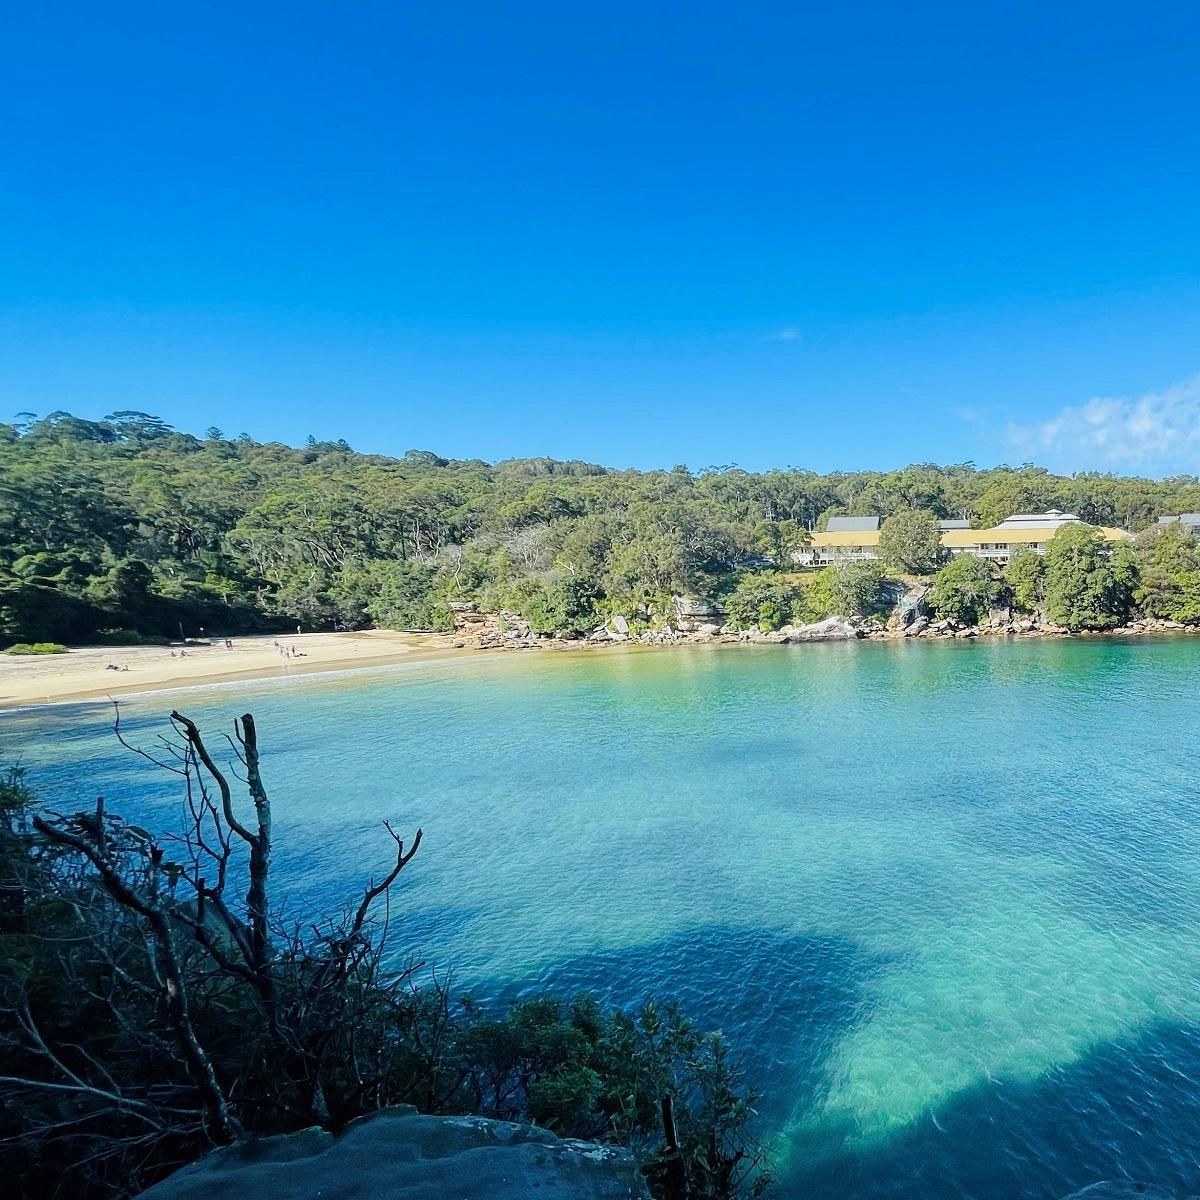 Collin_Beach_ Sydney_Harbour